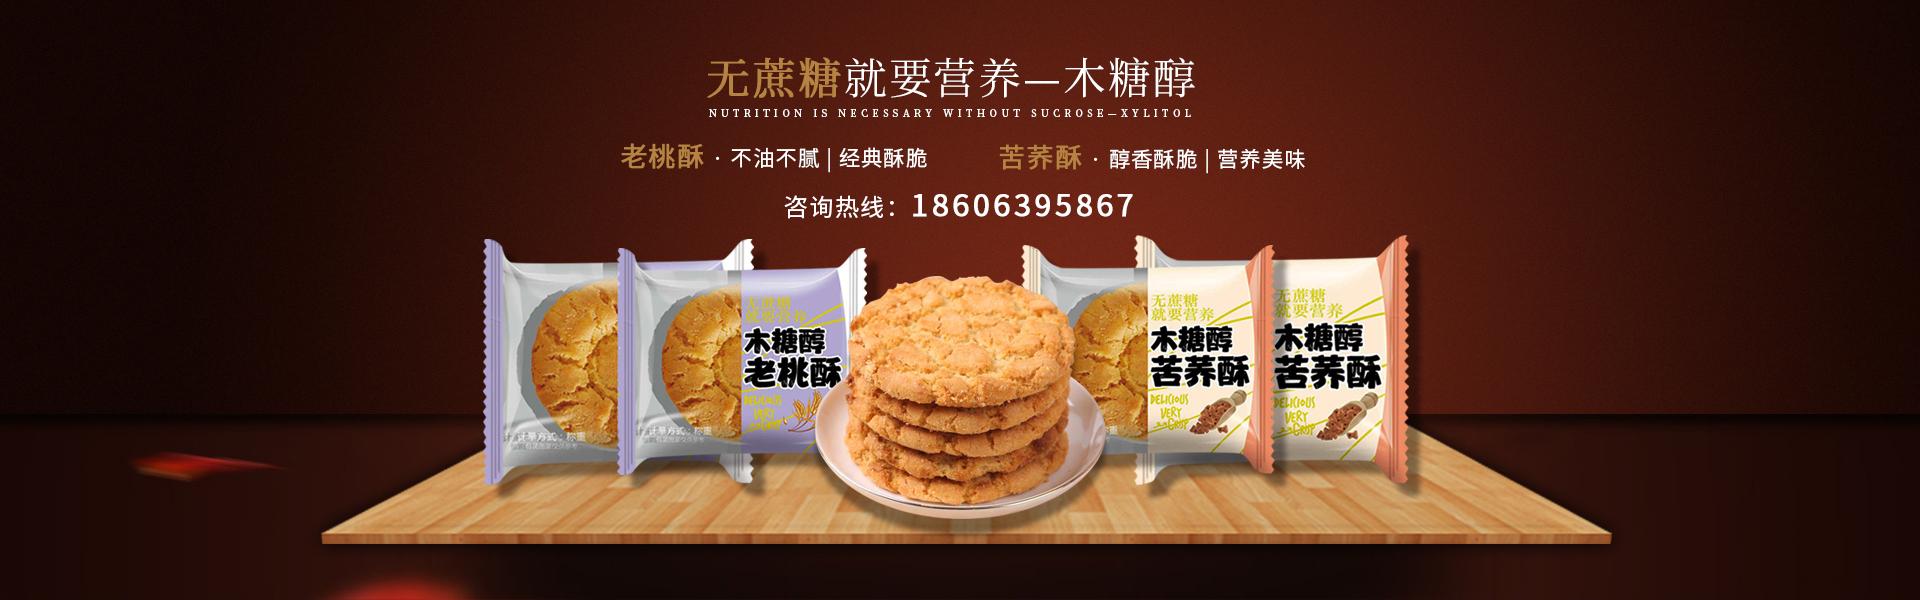 沂水饼干生产厂家,沂水众盟食品有限公司